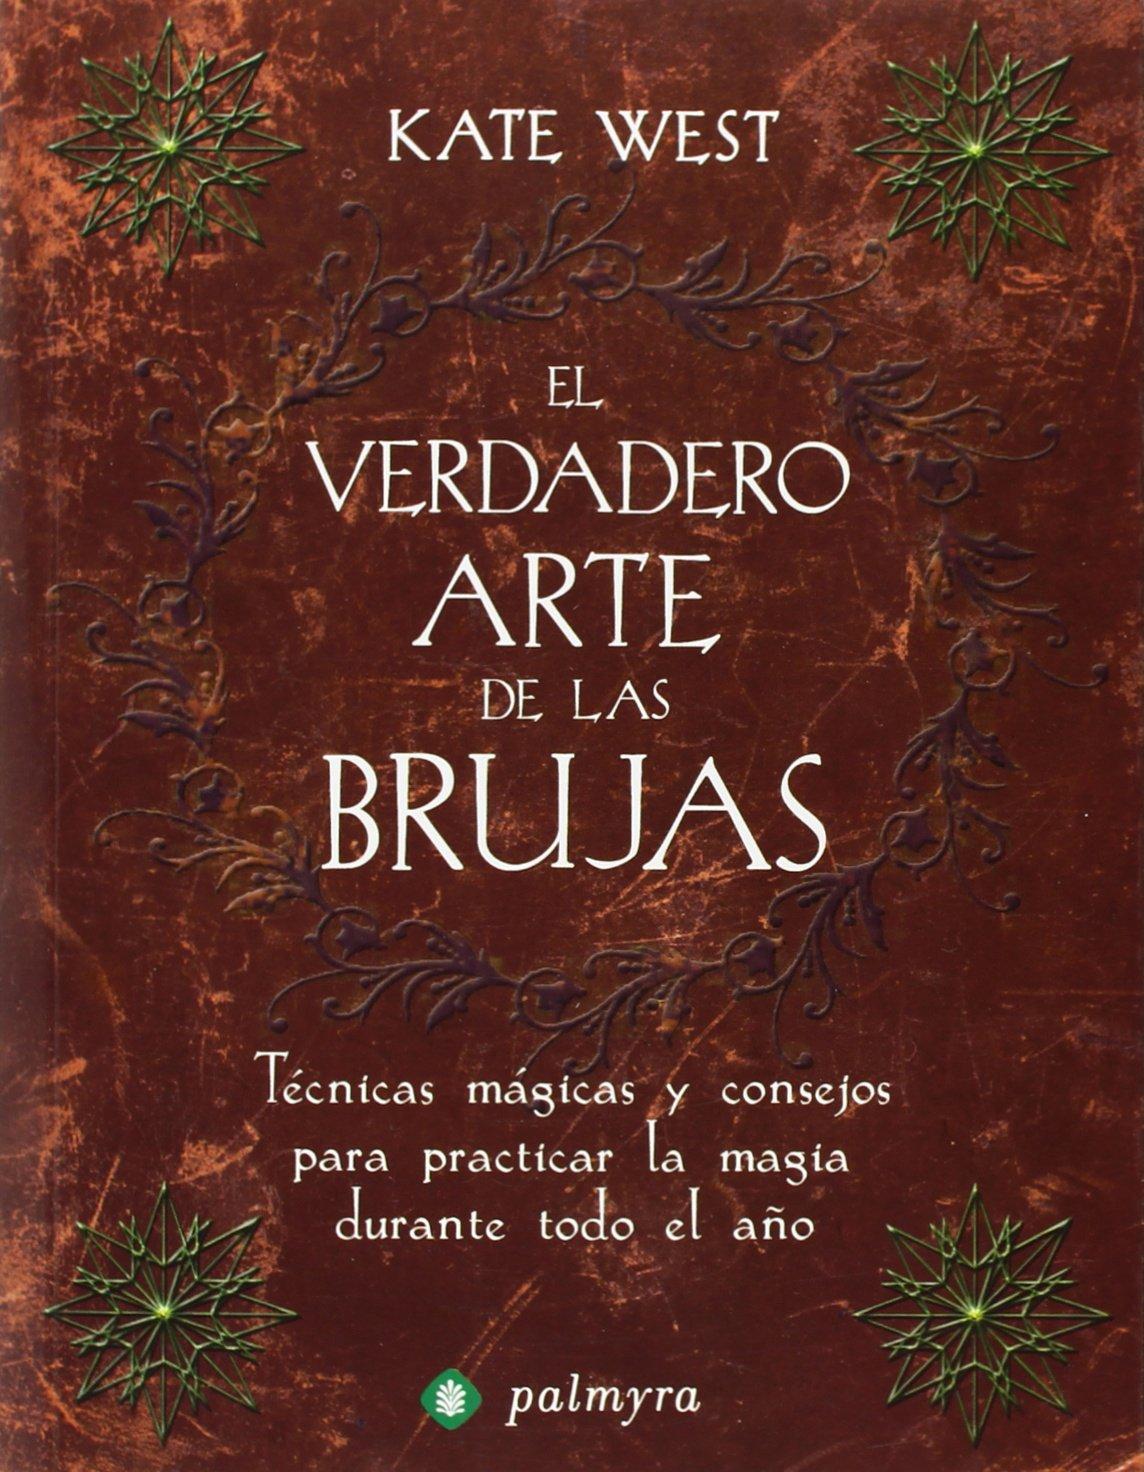 Verdadero arte de las brujas, el: Amazon.es: Kate West: Libros